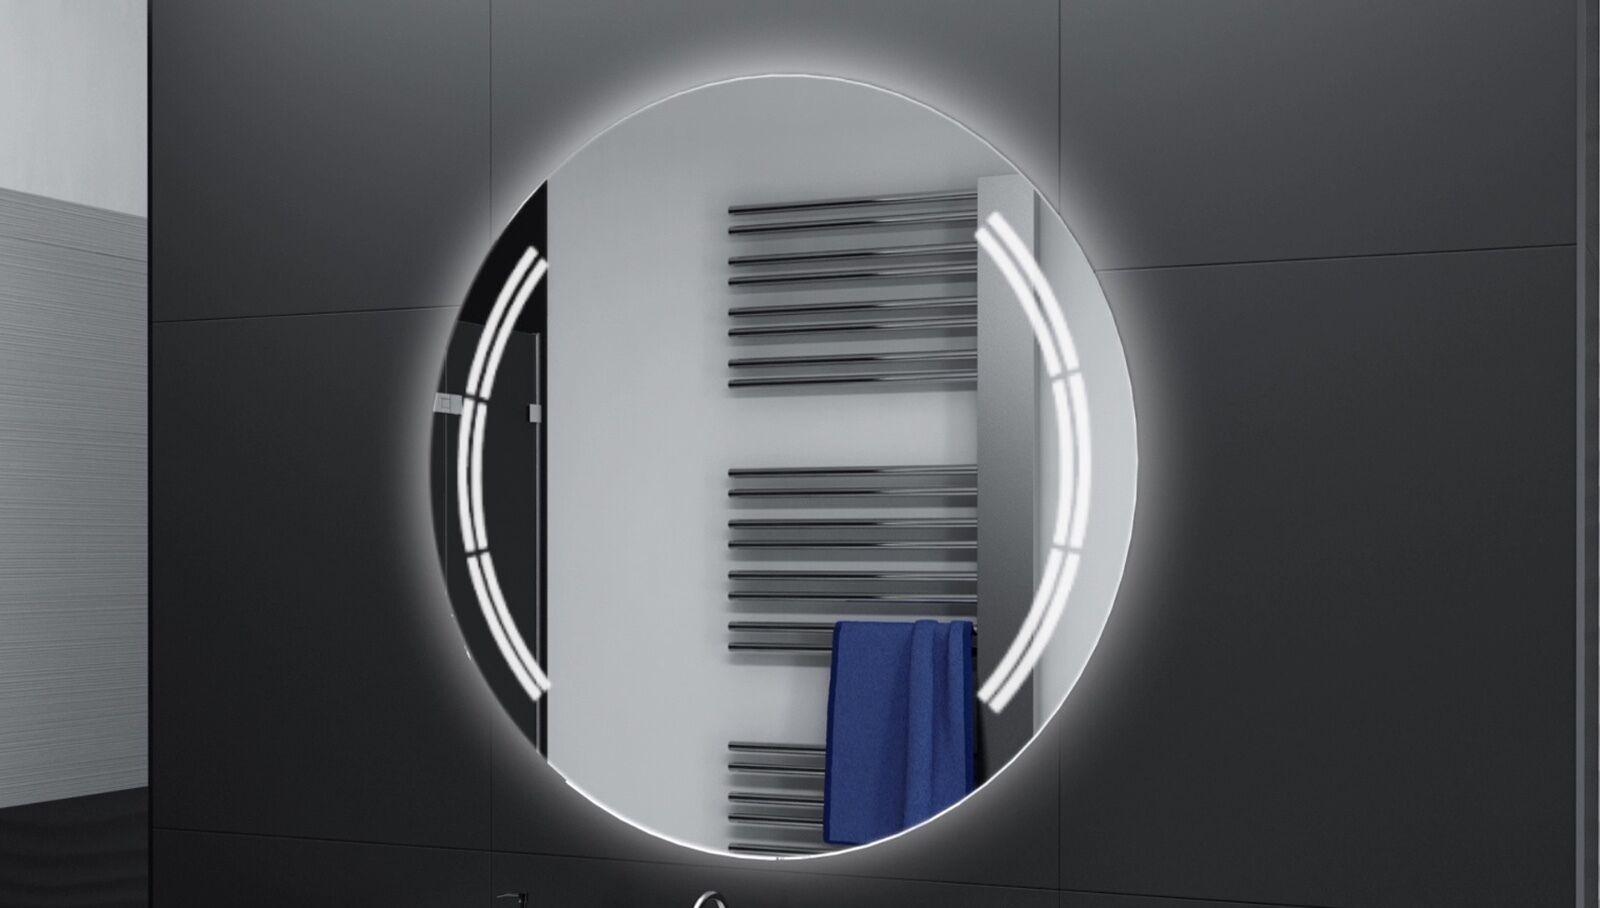 Badspiegel Rund m LED Beleuchtung Badezimmerspiegel Bad Spiegel Wandspiegel DR16